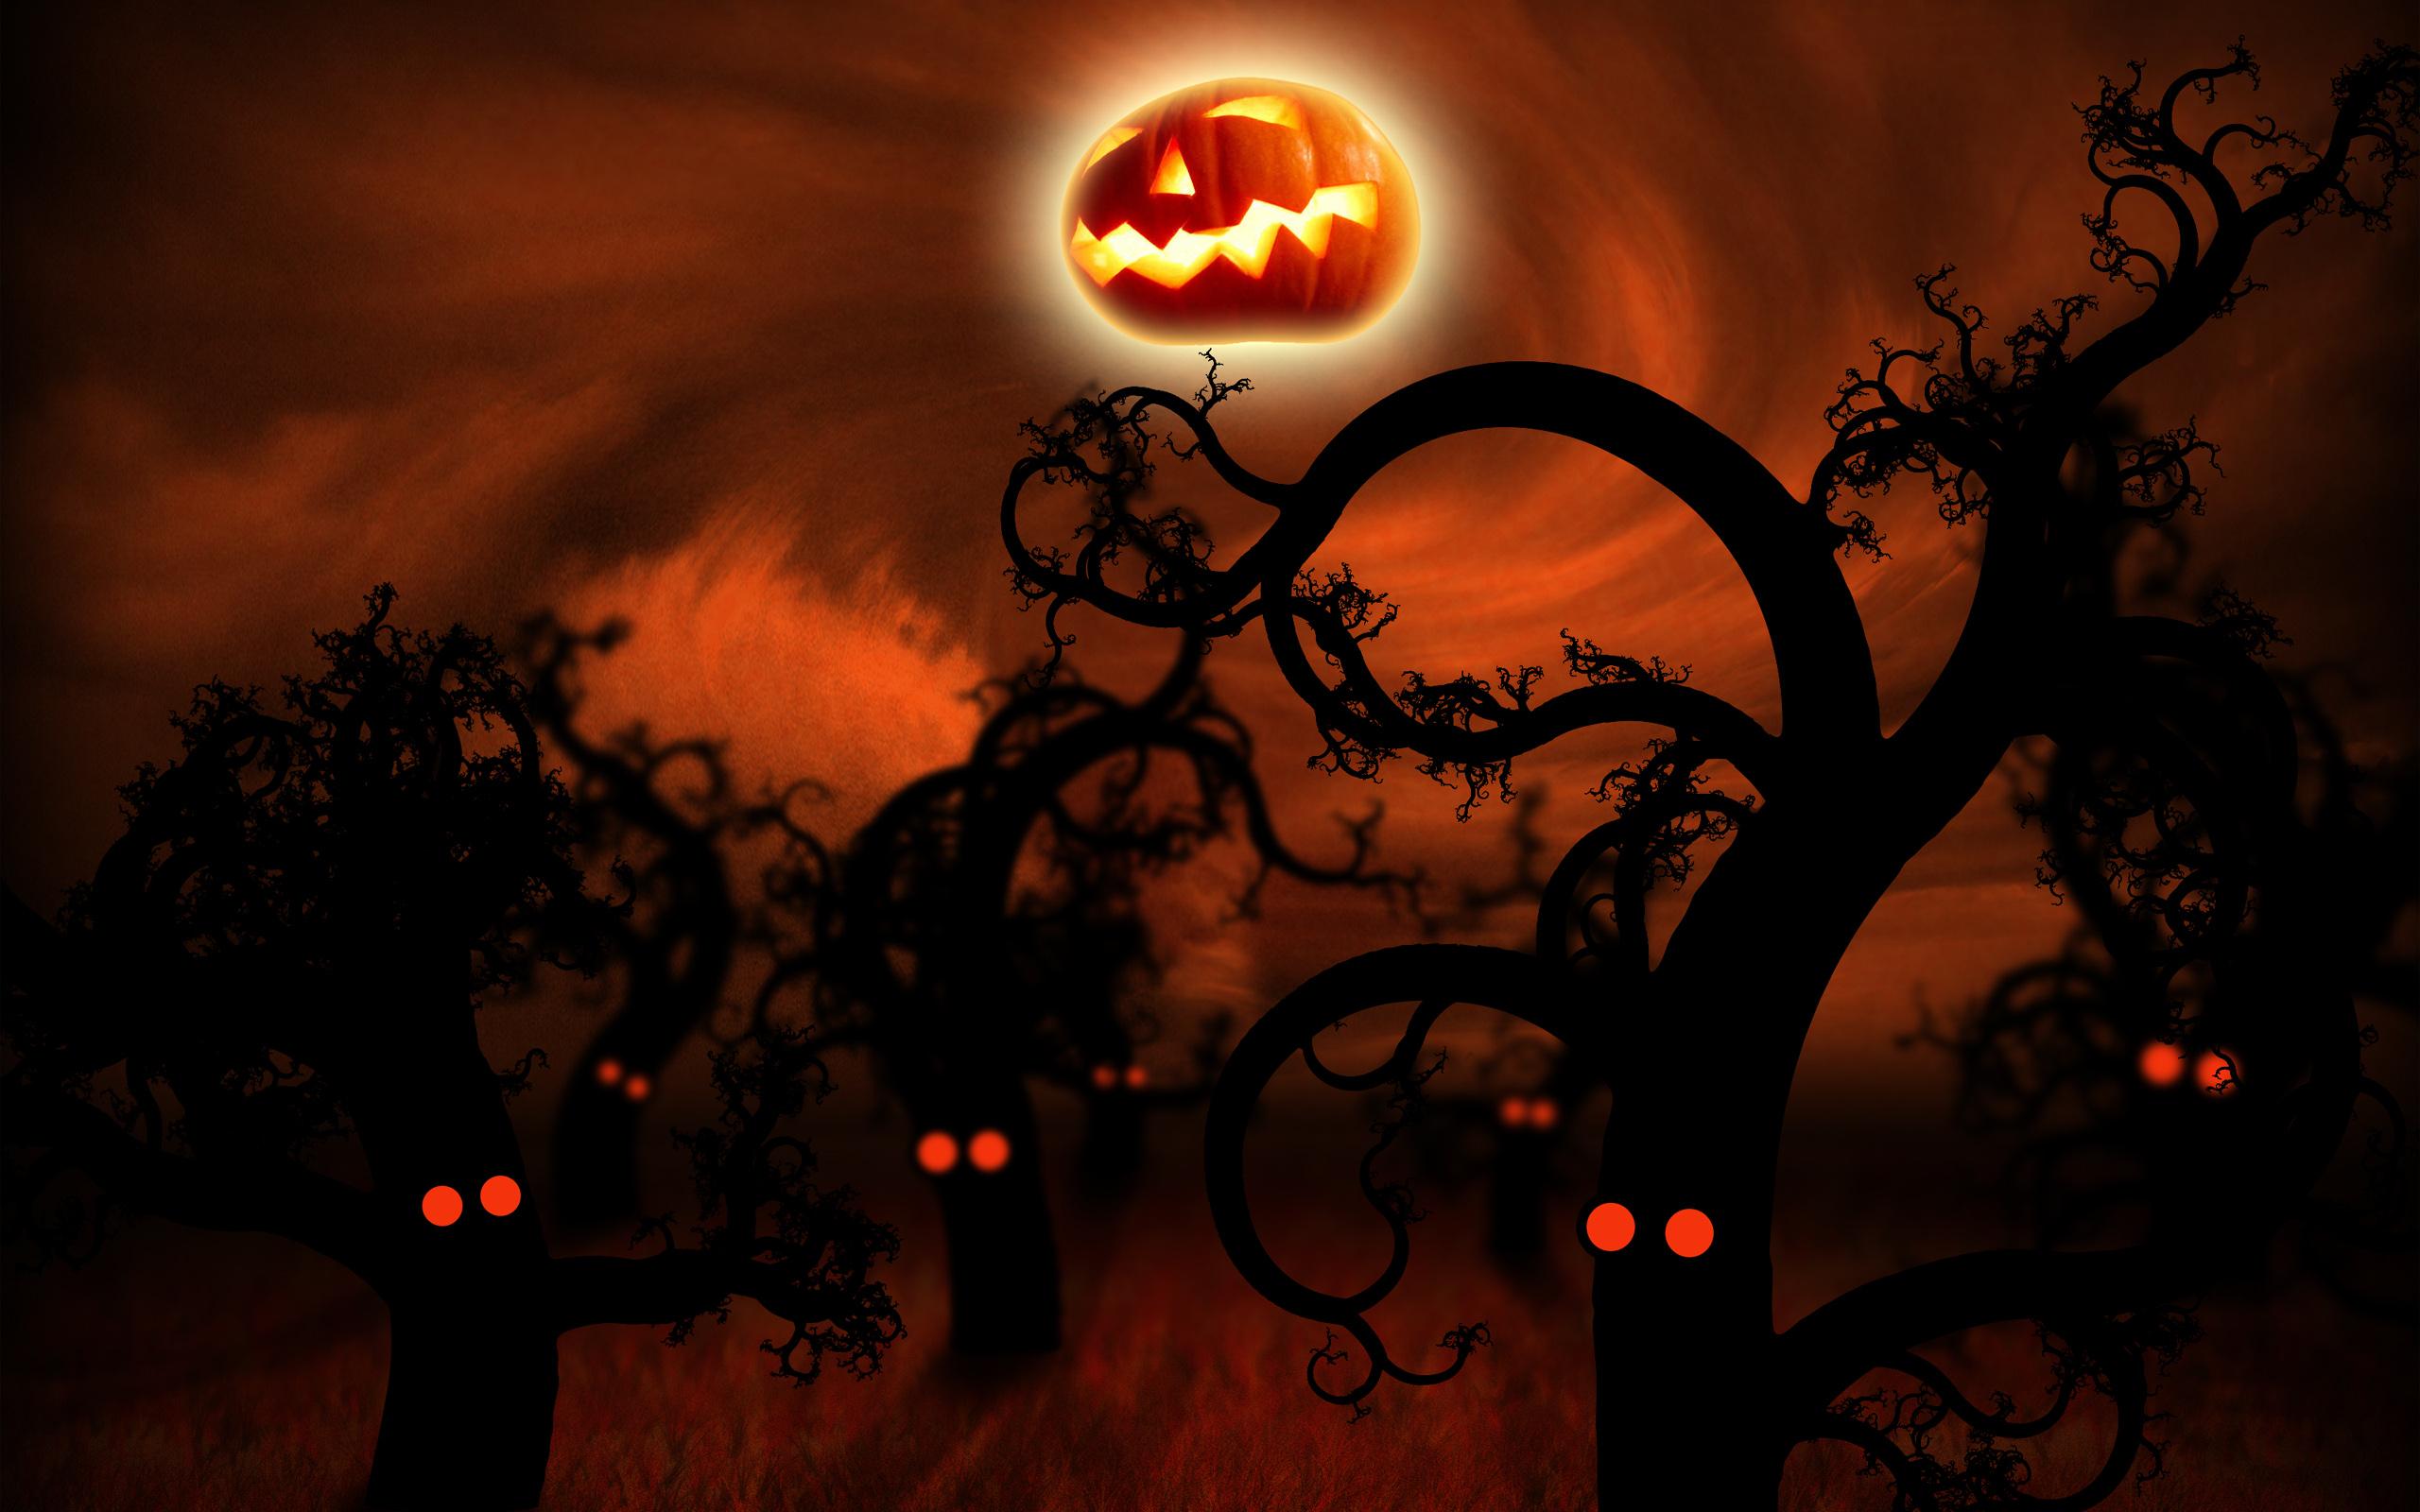 Halloween Wallpapers Halloween 2013 HD Wallpapers Desktop 2560x1600